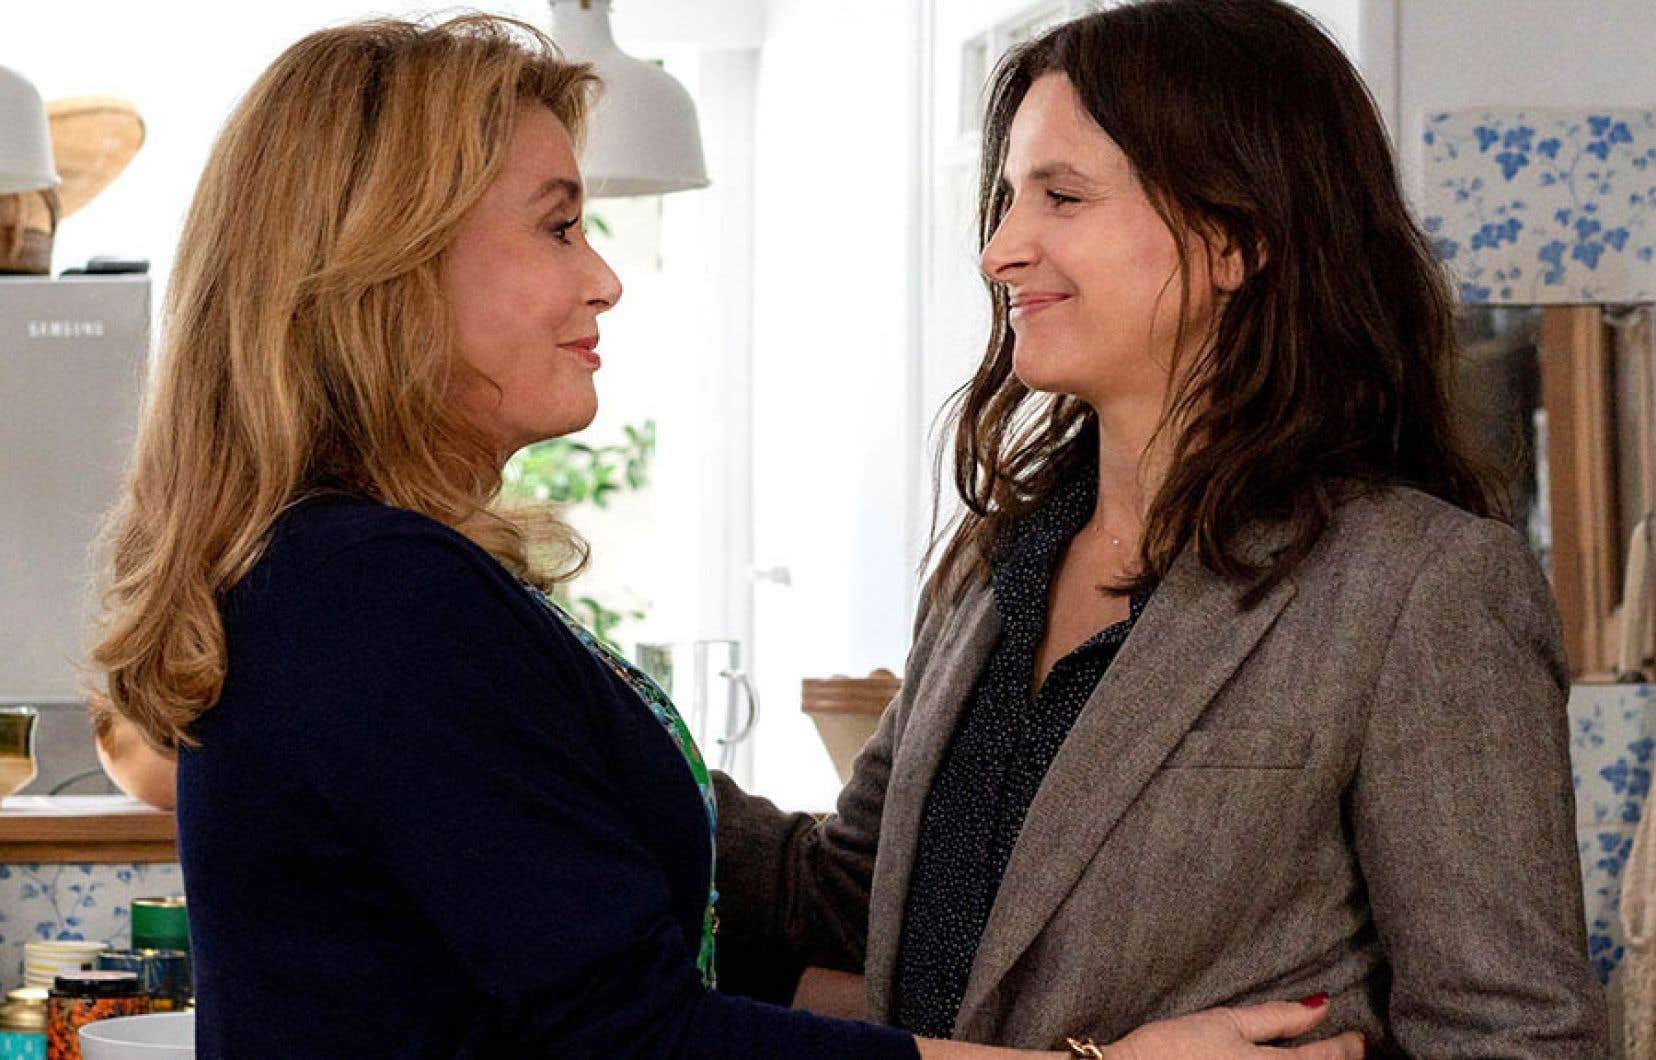 Le film «La vérité», très français dans ses nombreux et excellents dialogues, possède un doigté très nippon, presque pervers: drame psychologique au sourire en coin.